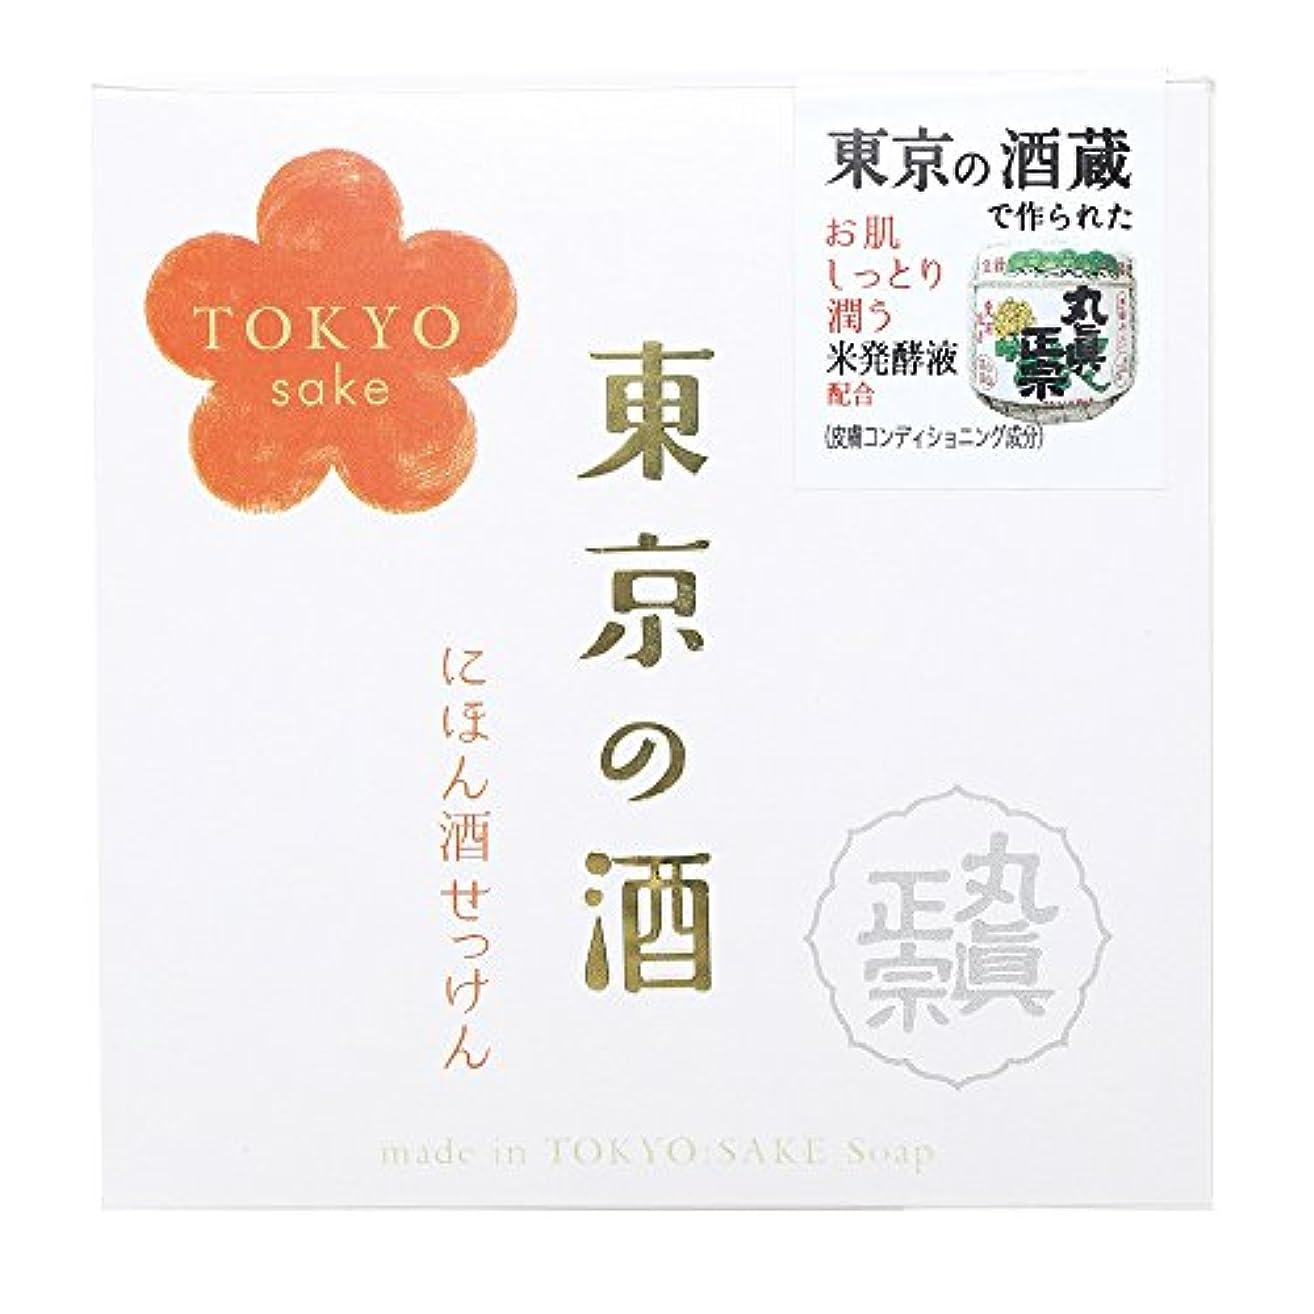 なめらかな推定する発言するノルコーポレーション 東京の酒 石けん OB-TKY-1-1 100g